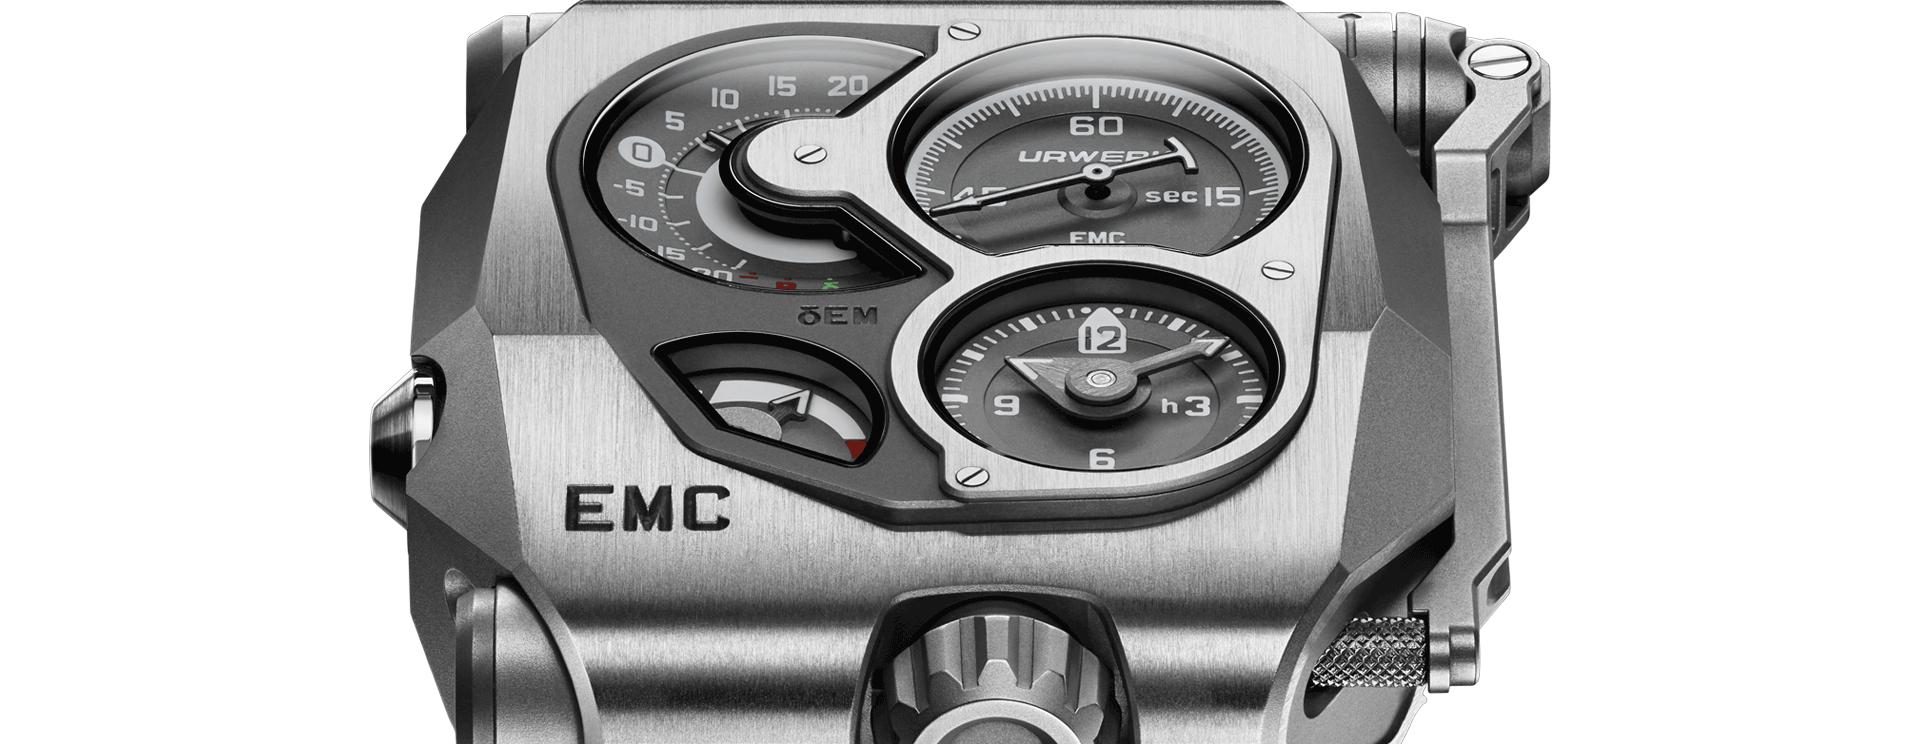 EMC Steel and Titanium